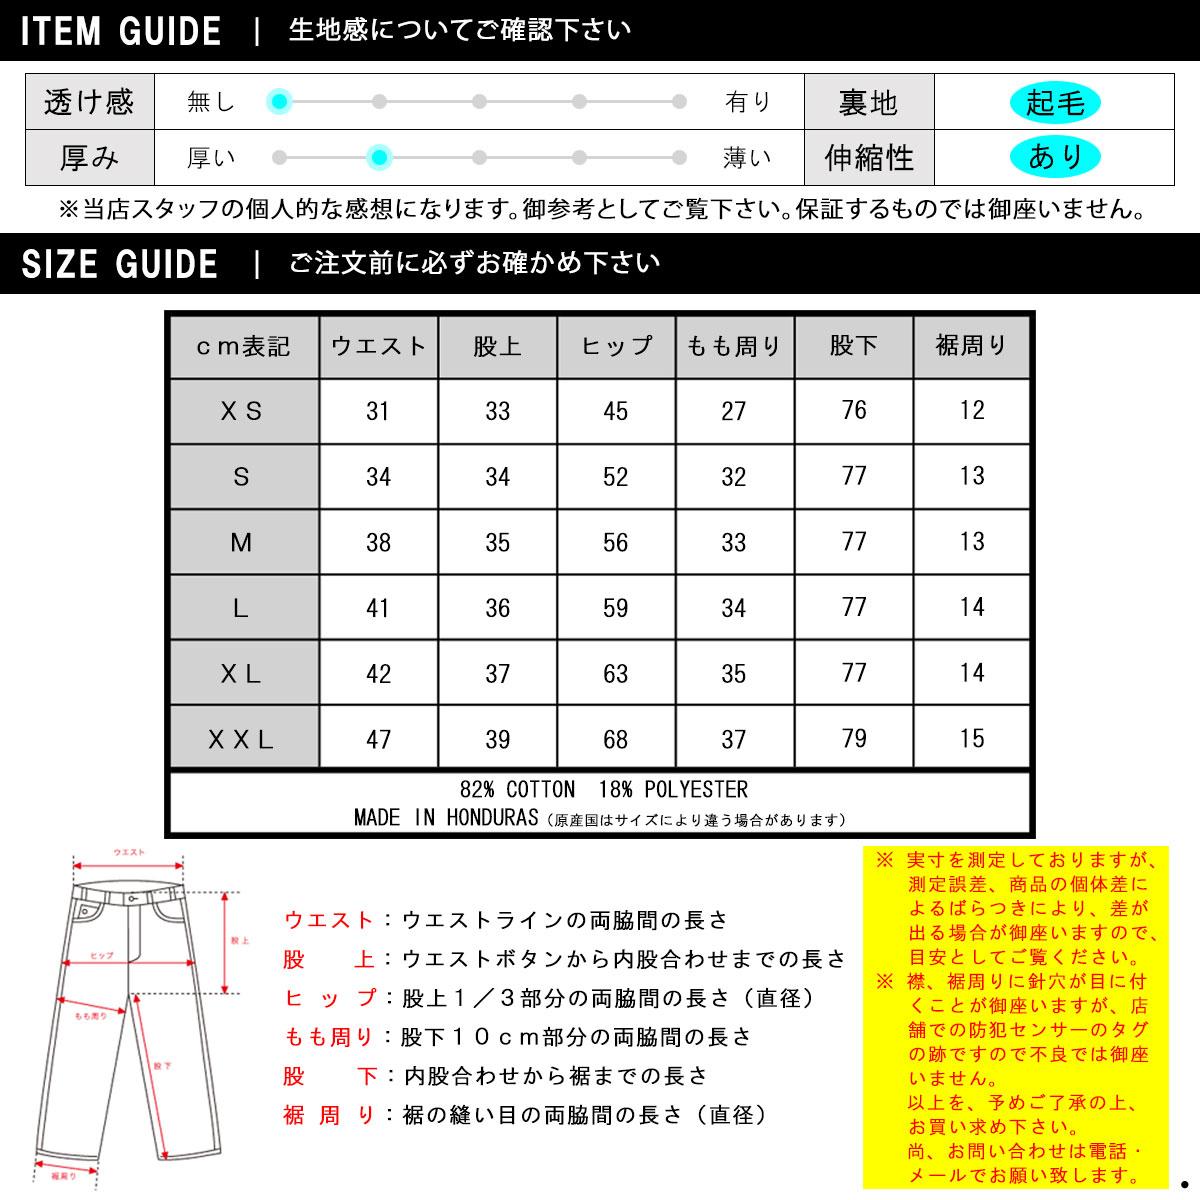 チャンピオン CHAMPION 正規品 メンズ ハーフパンツ SWEAT HALF PANTS P4971 Reverse Weave Pant w/ pockets 031-NAVY